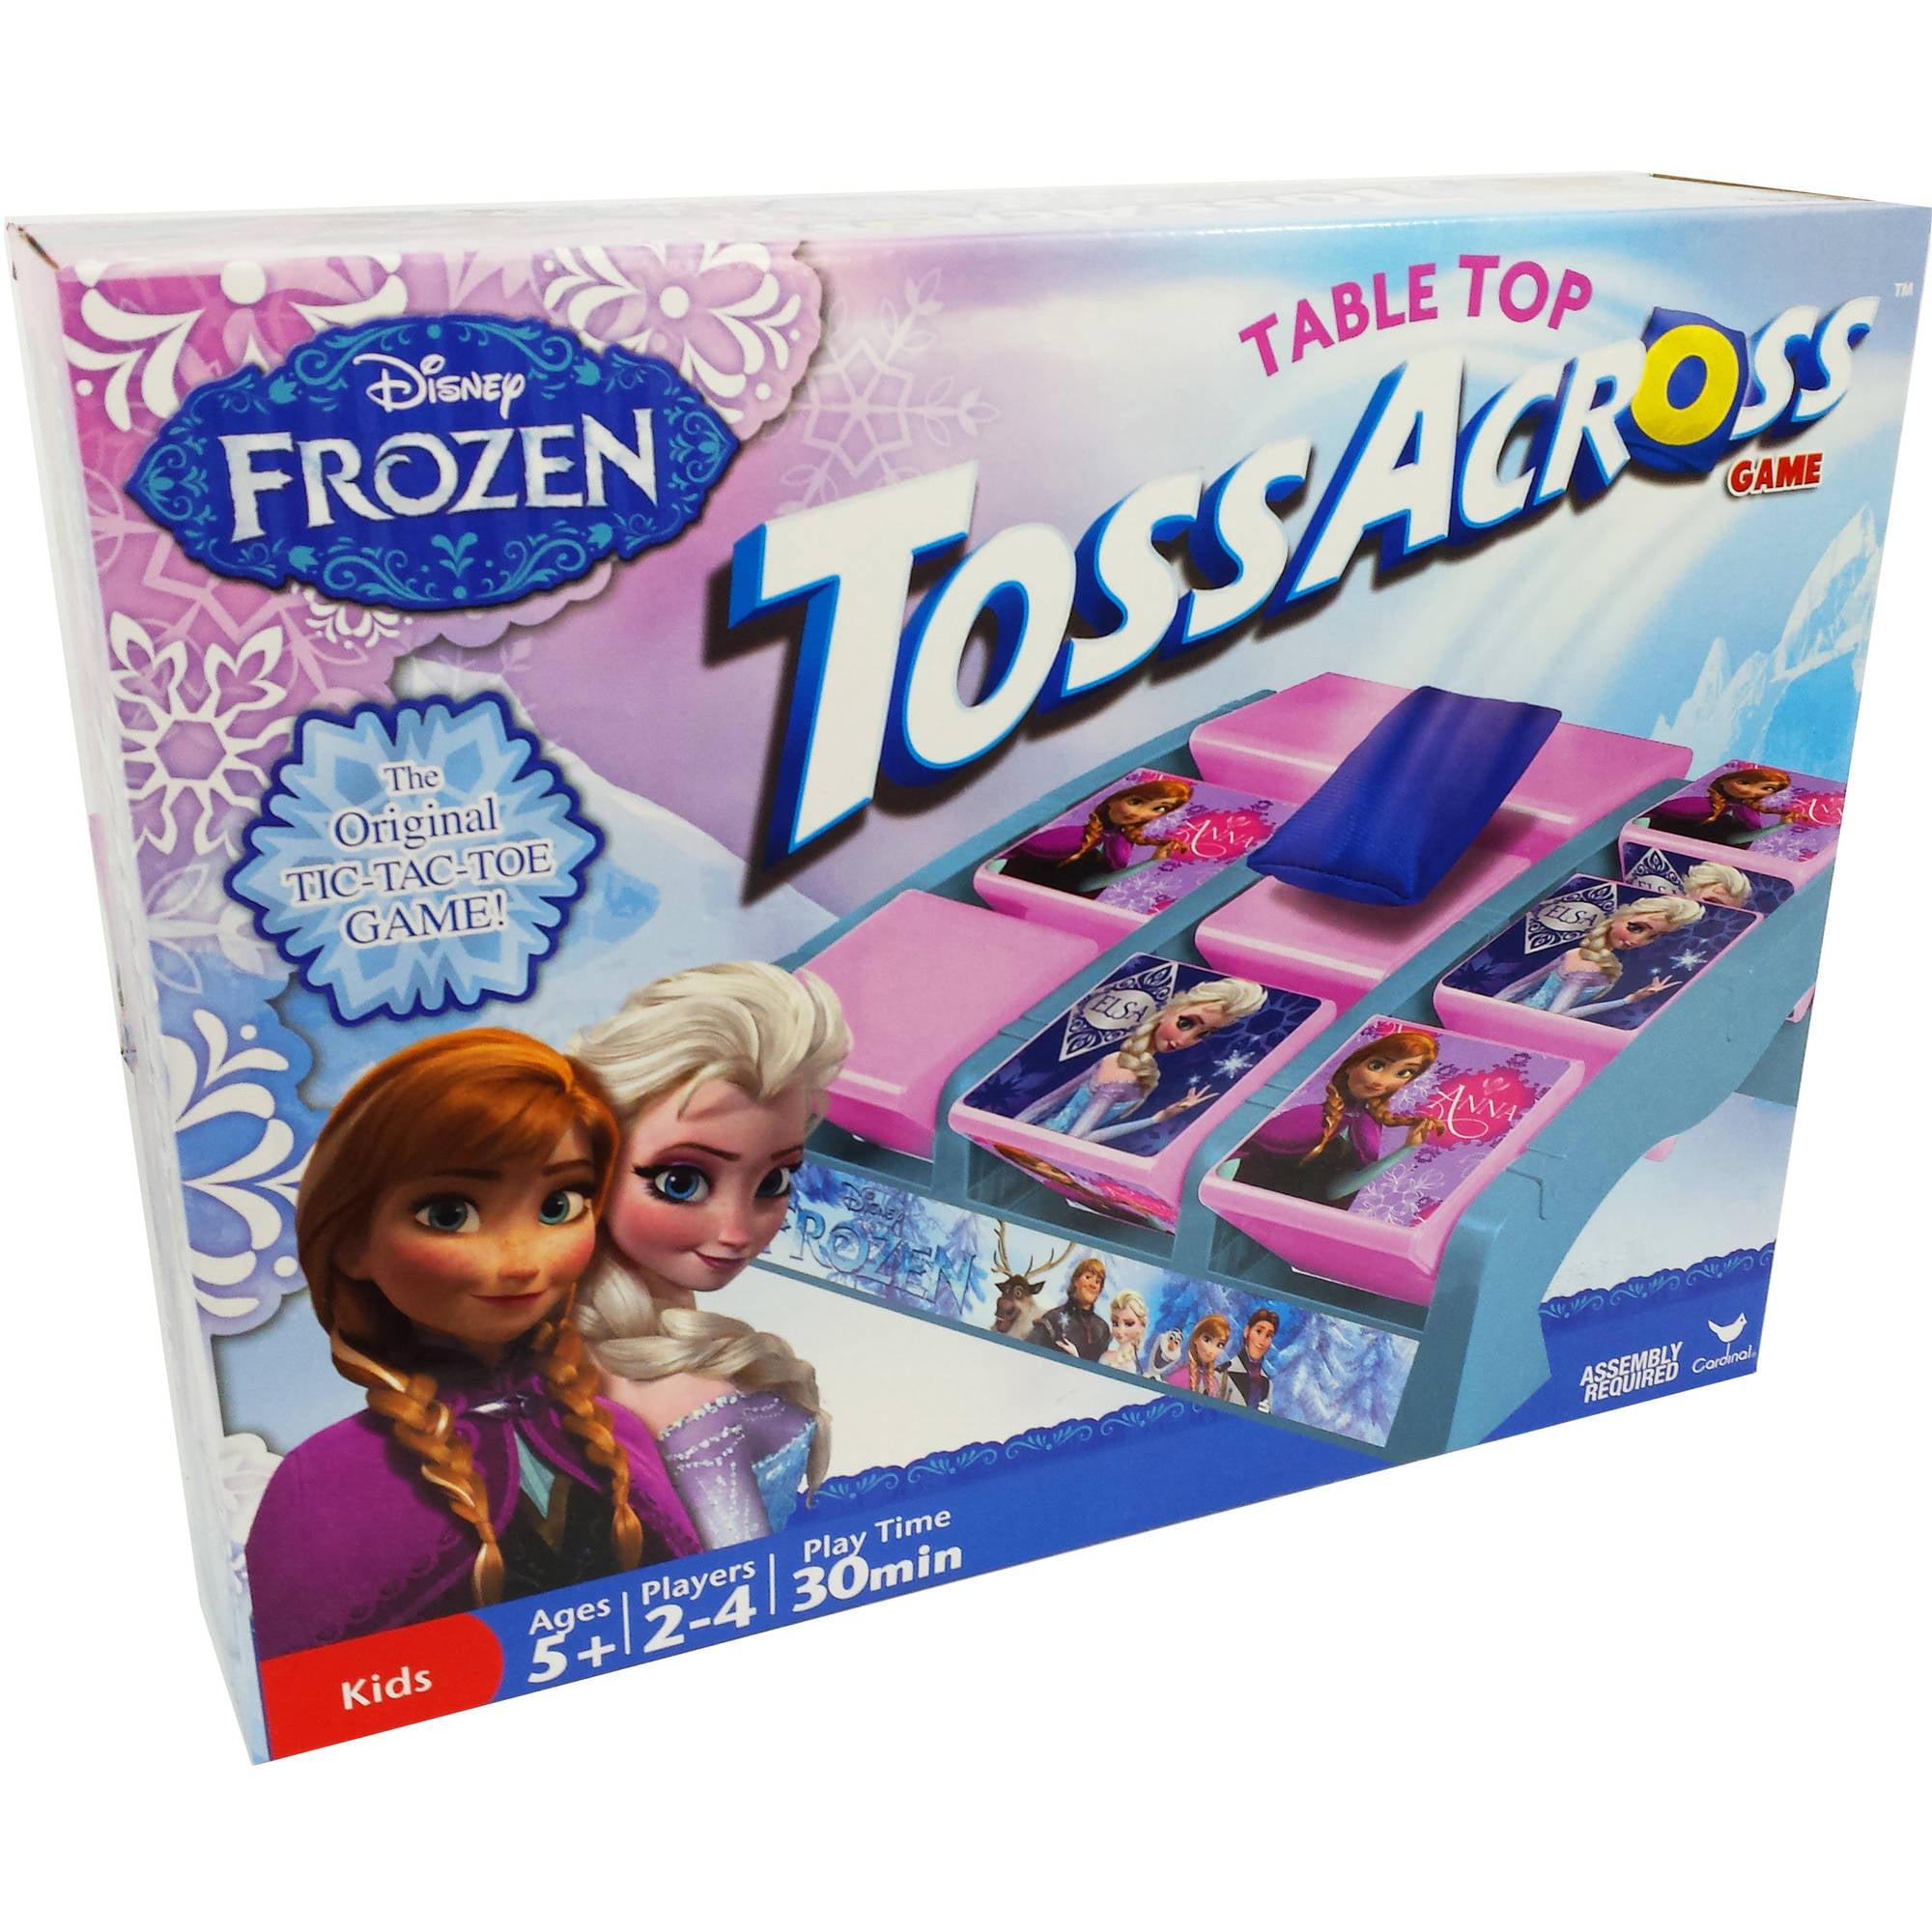 Disney Frozen Table Top Toss Across Game